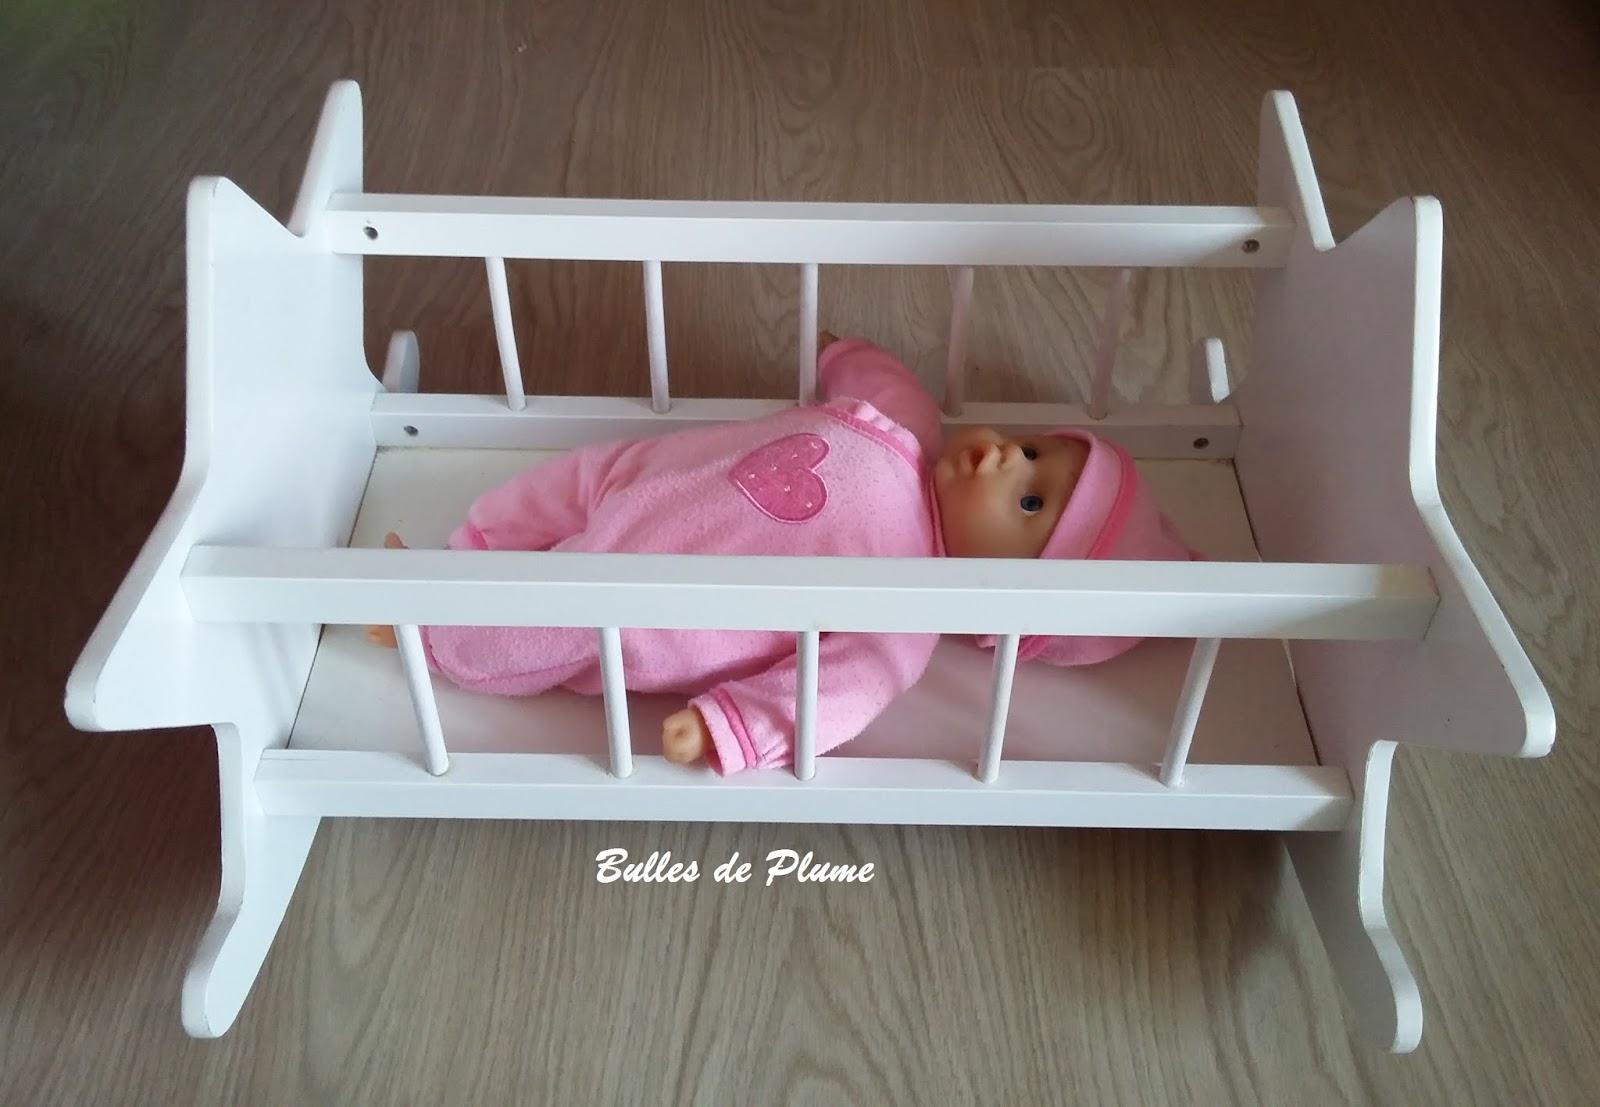 Bulles de plume quel lit choisir pour son enfant for Quel couleur choisir pour son salon